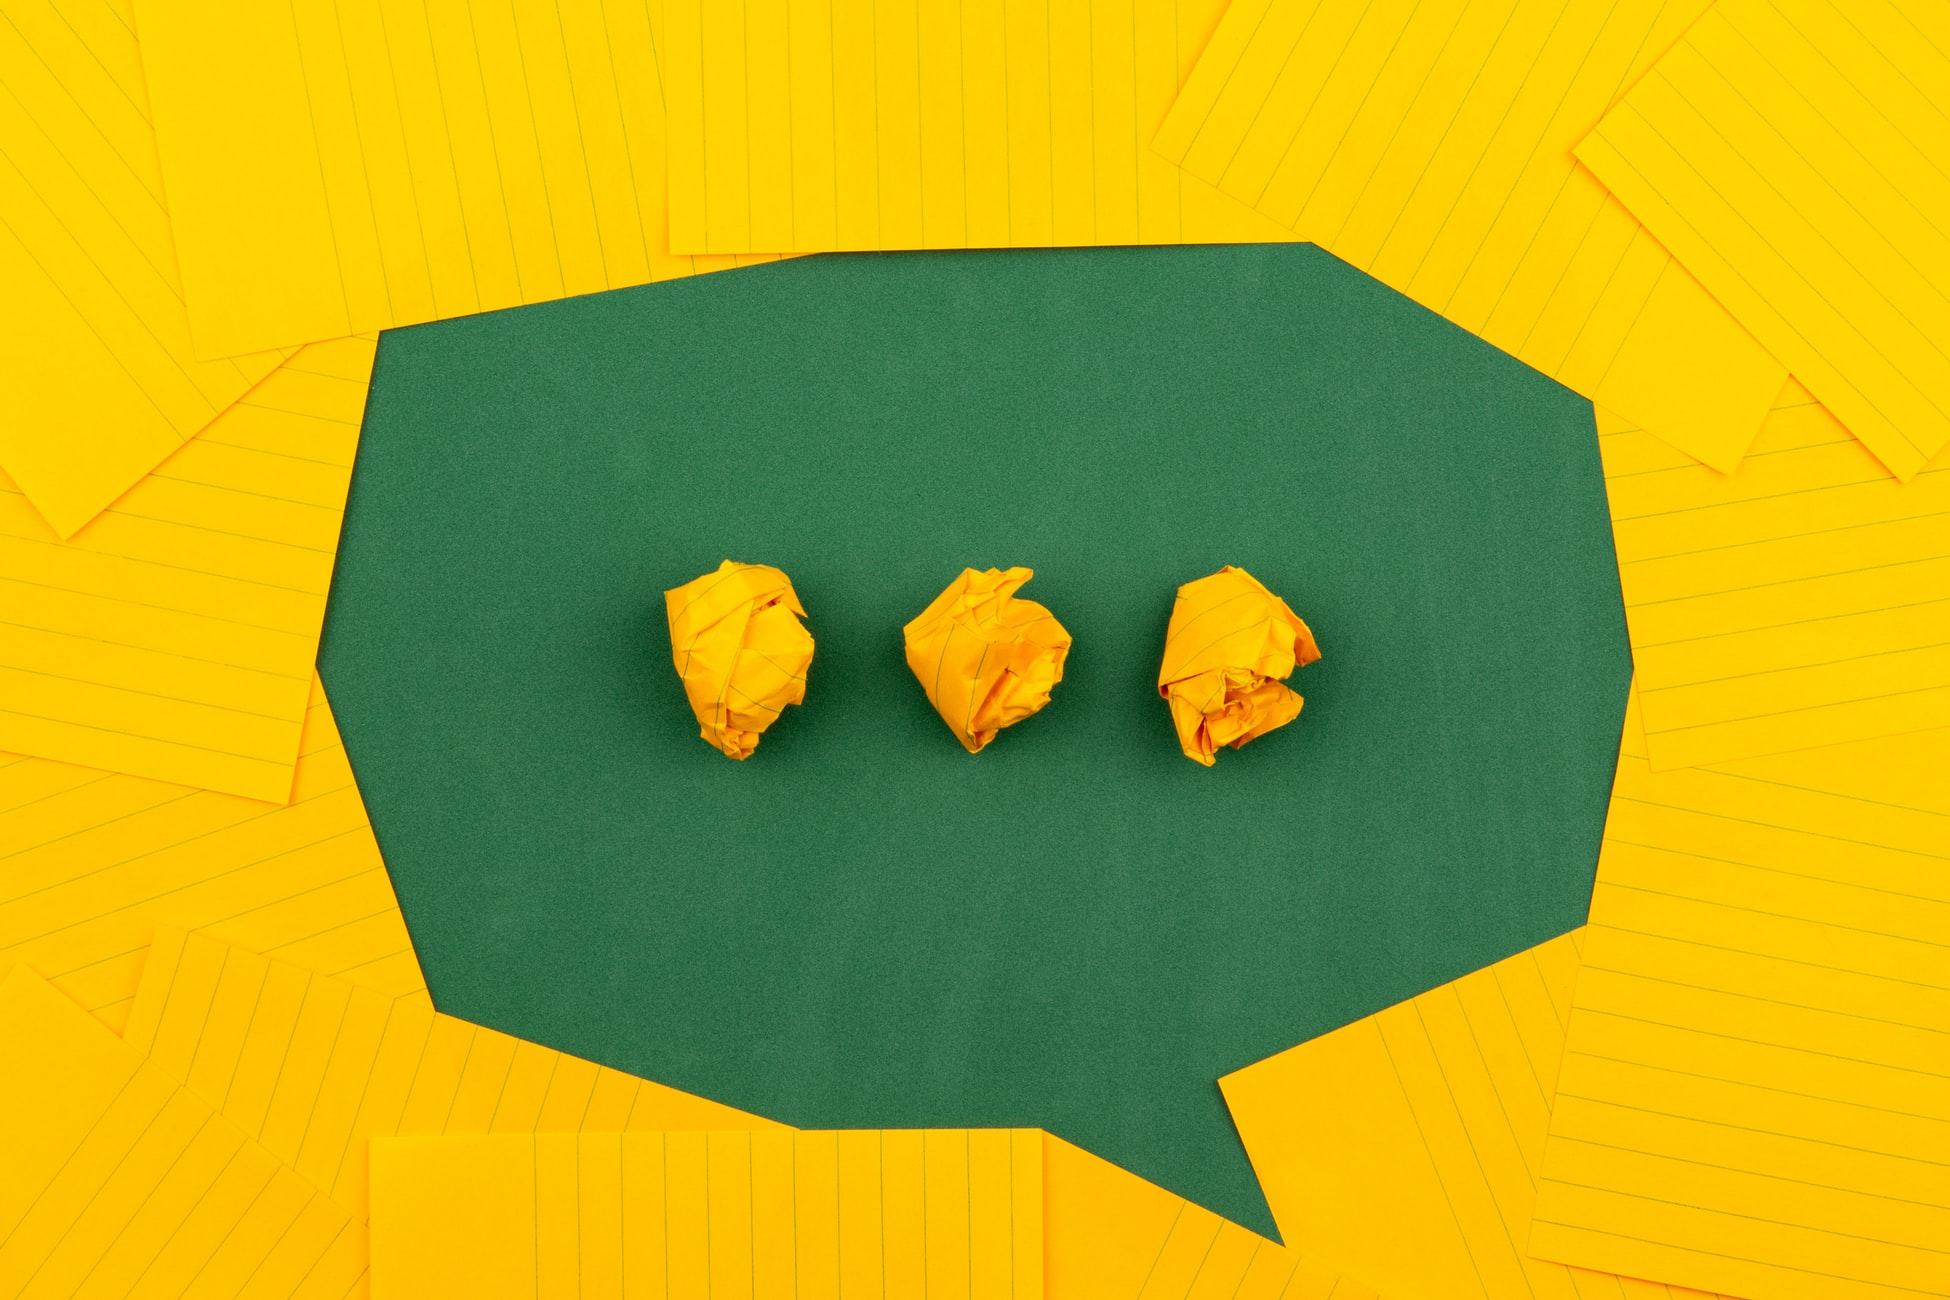 werelddagvandestem_papier_groen_geel